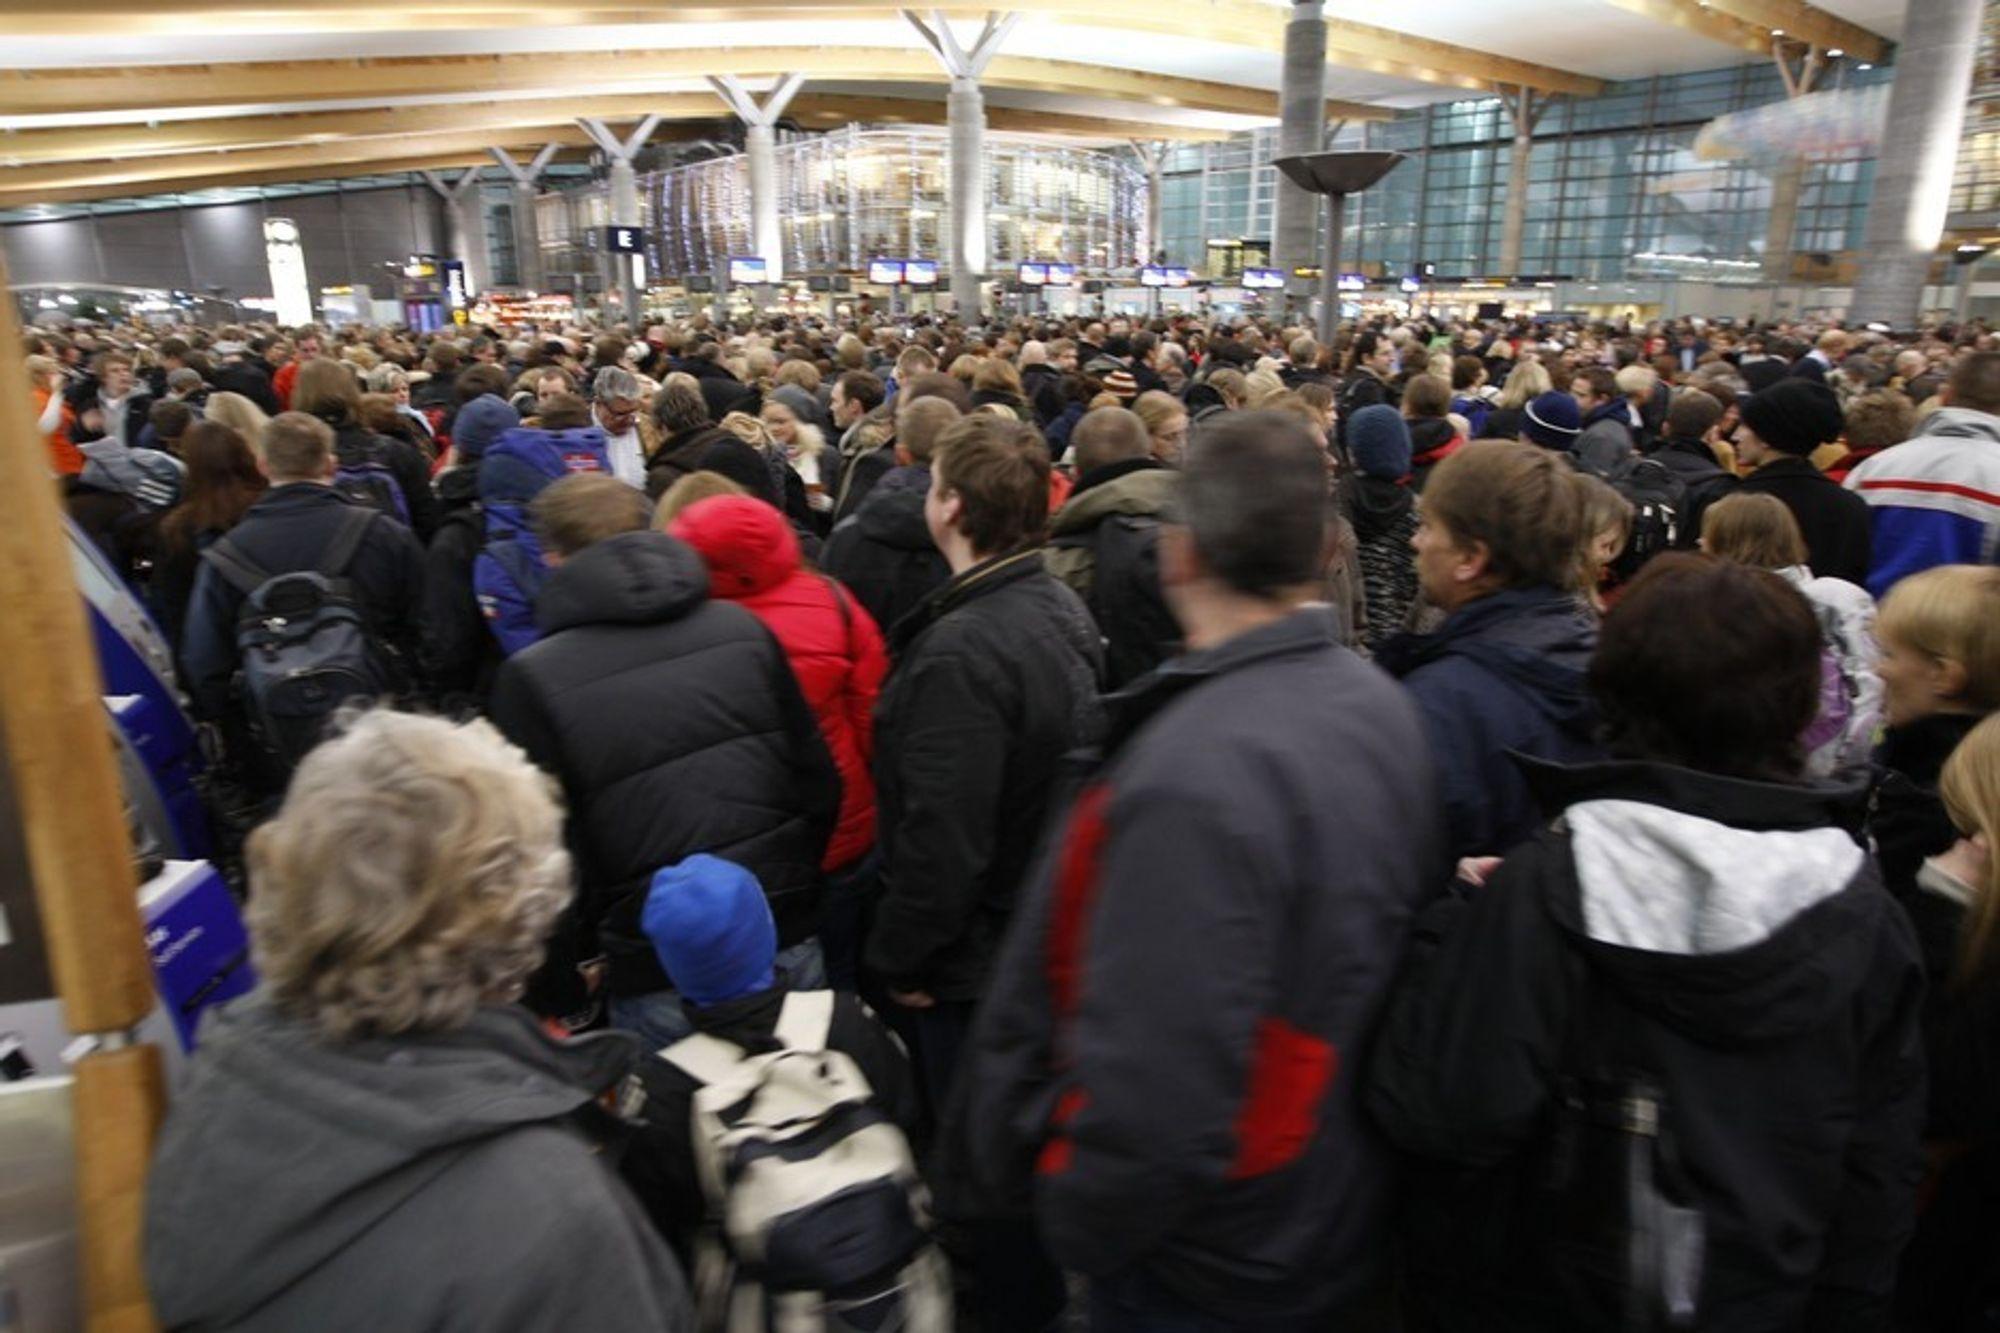 Før jul var det store forsinkelser og kaotiske tilstander inne i terminalen på Oslo lufthavn Gardermoen. Om fire år skal kapasiteten være nær doblet.